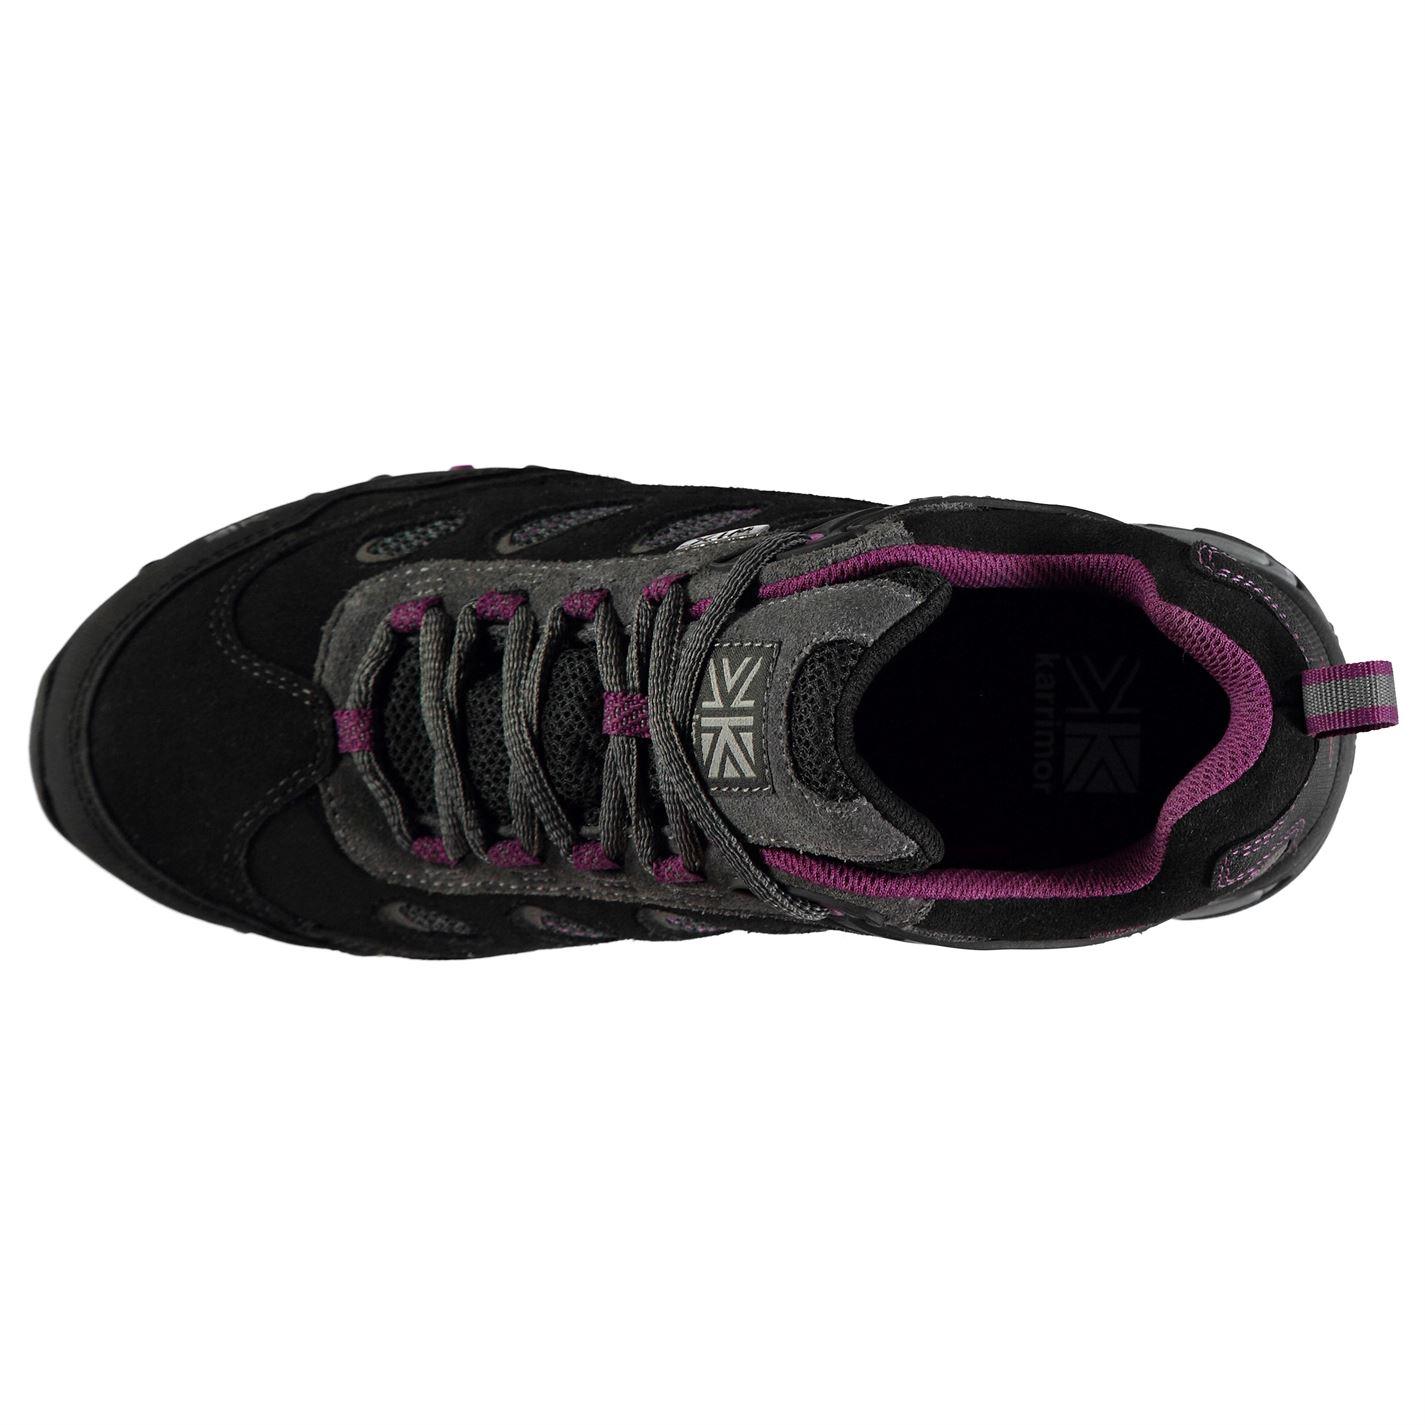 Karrimor Mujeres Ridge Wtx Zapatos Para Para Para Caminar Impermeable Con Cordones Transpirable bb6c46